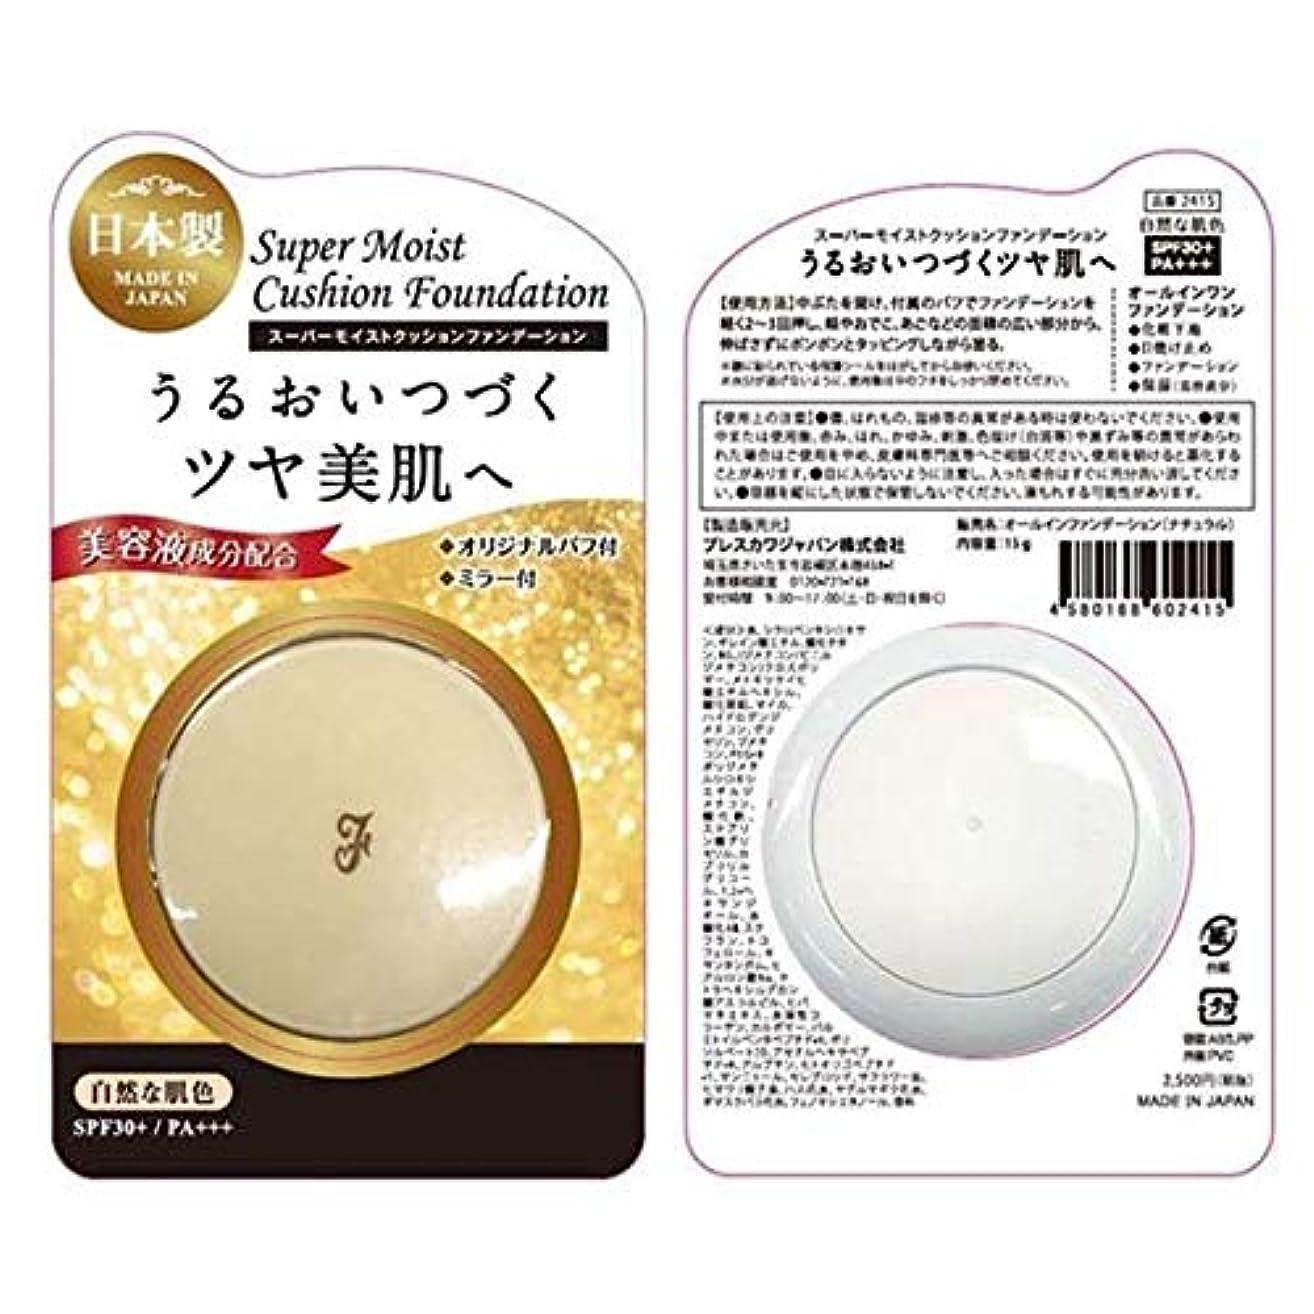 目指す利得作曲家日本製●クッションファンデーション SPF30+ PA+++ 新色 自然な肌色 さらっとした使い心地 コスメ しっとりなめらか ファンデ